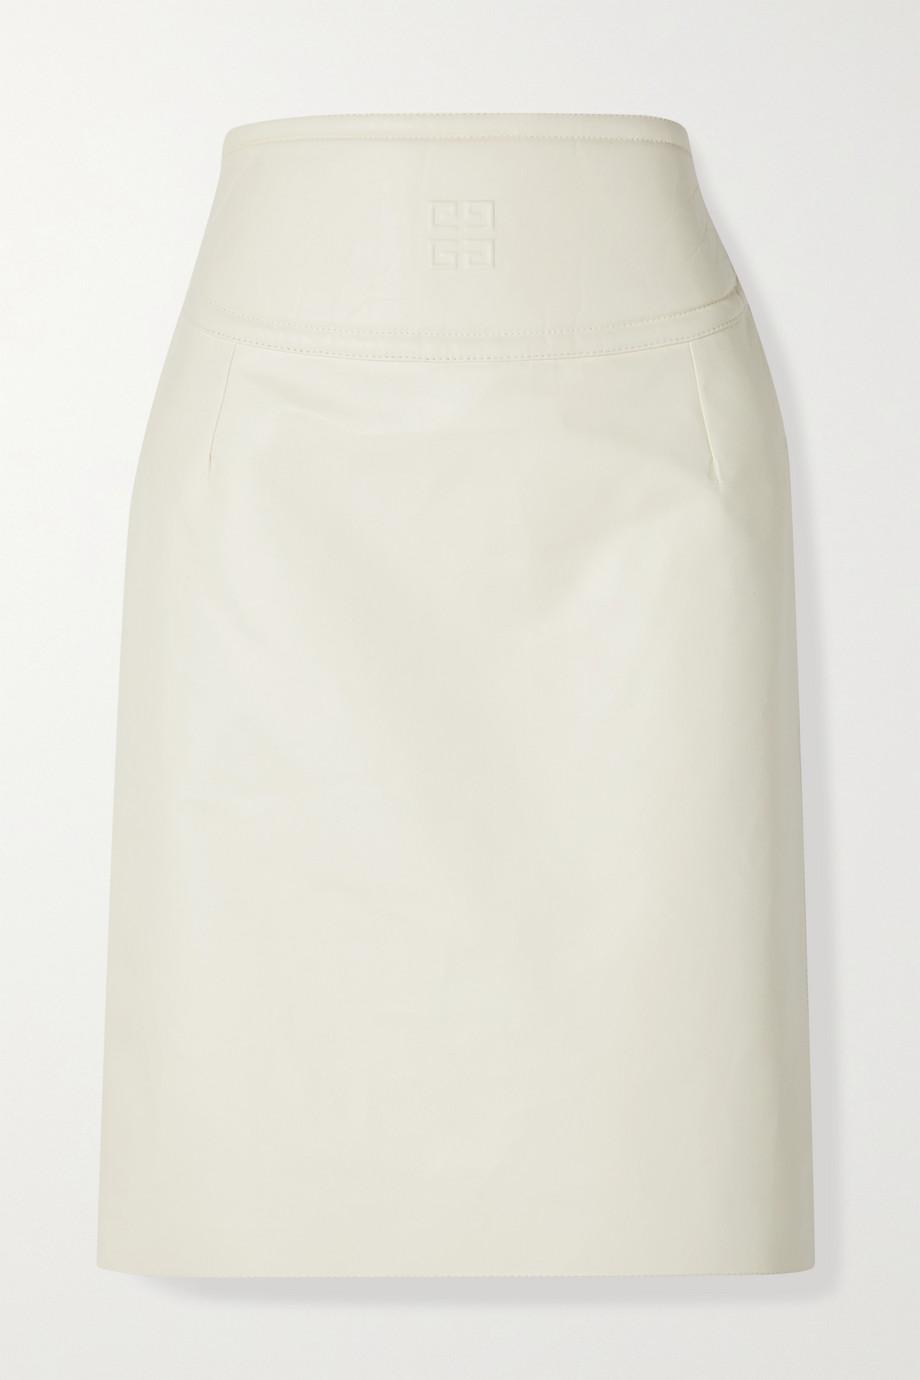 Givenchy Jupe en cuir gaufré à découpe